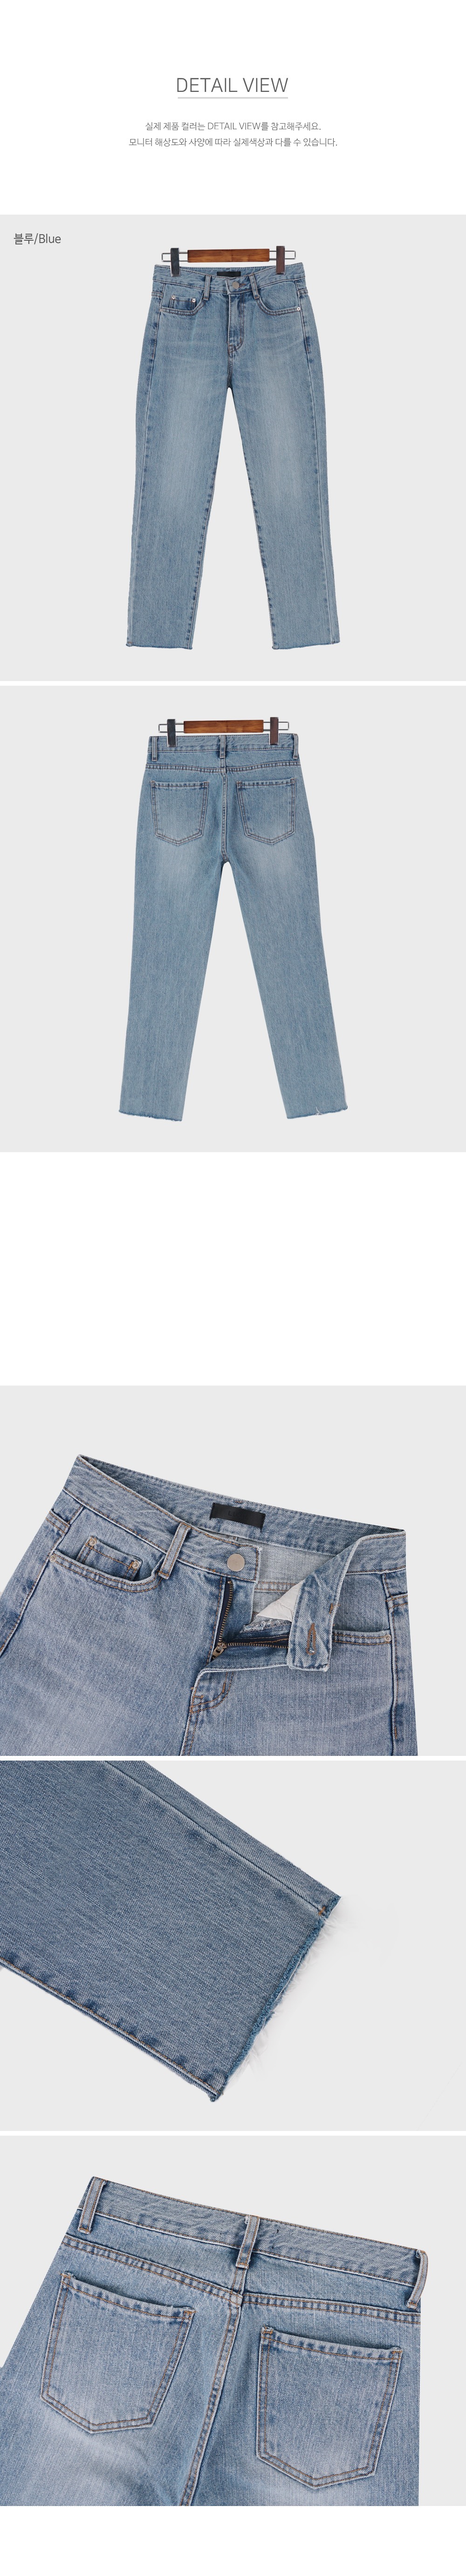 Washed Straight Jeans-holiholic.com